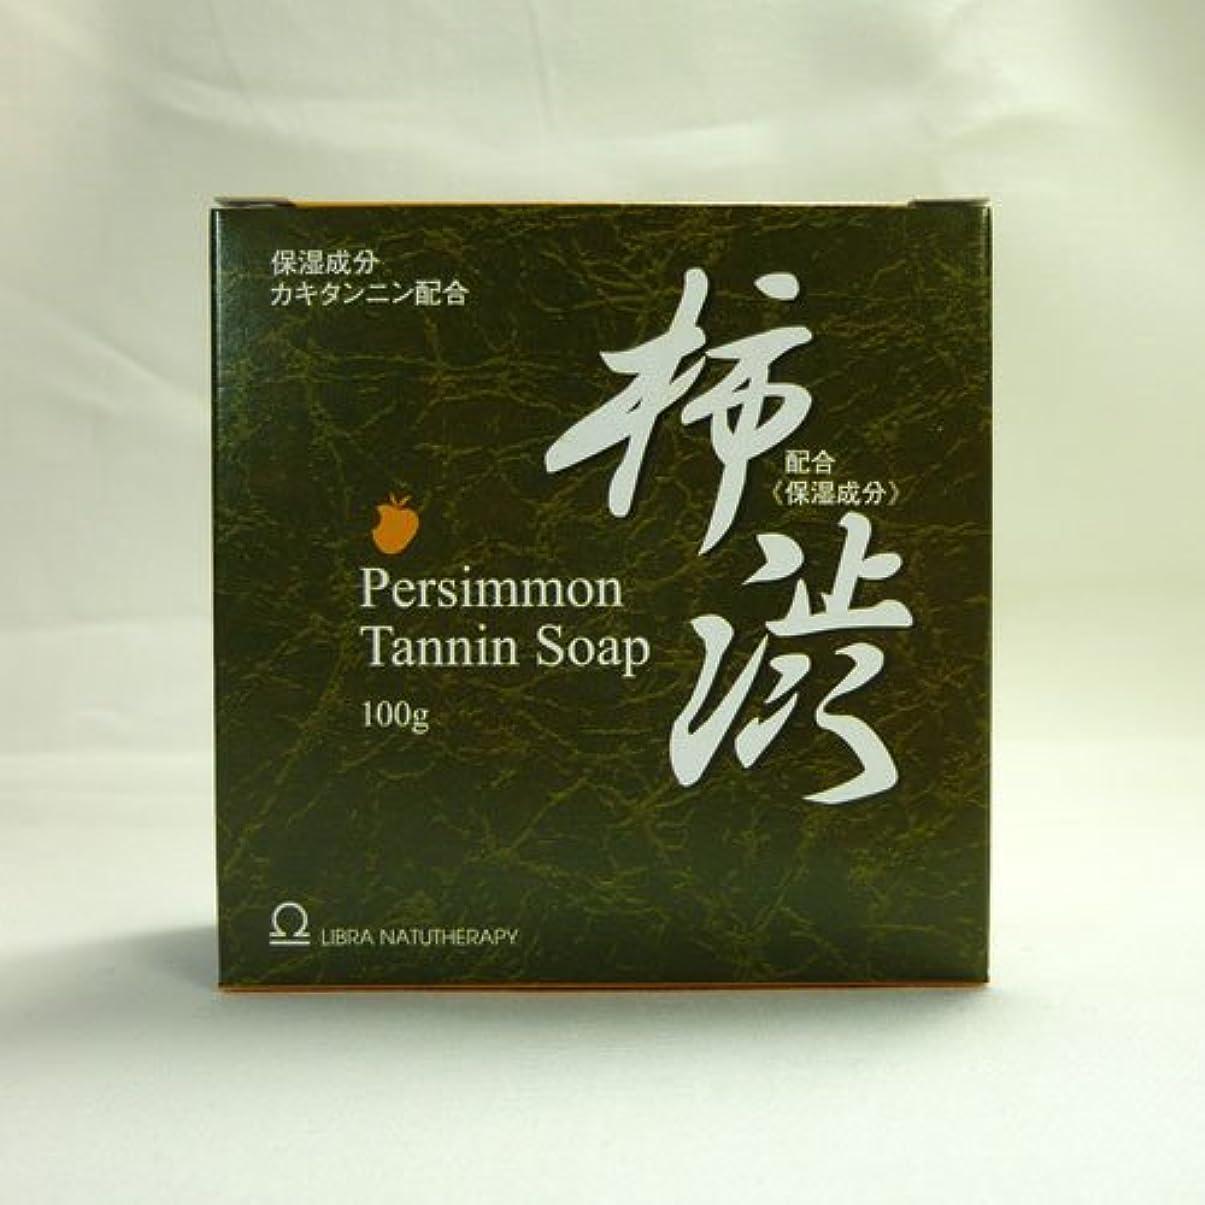 ネーピア生活ペパーミント【加齢臭?体臭対策】 ライブラ 柿渋石鹸 100g